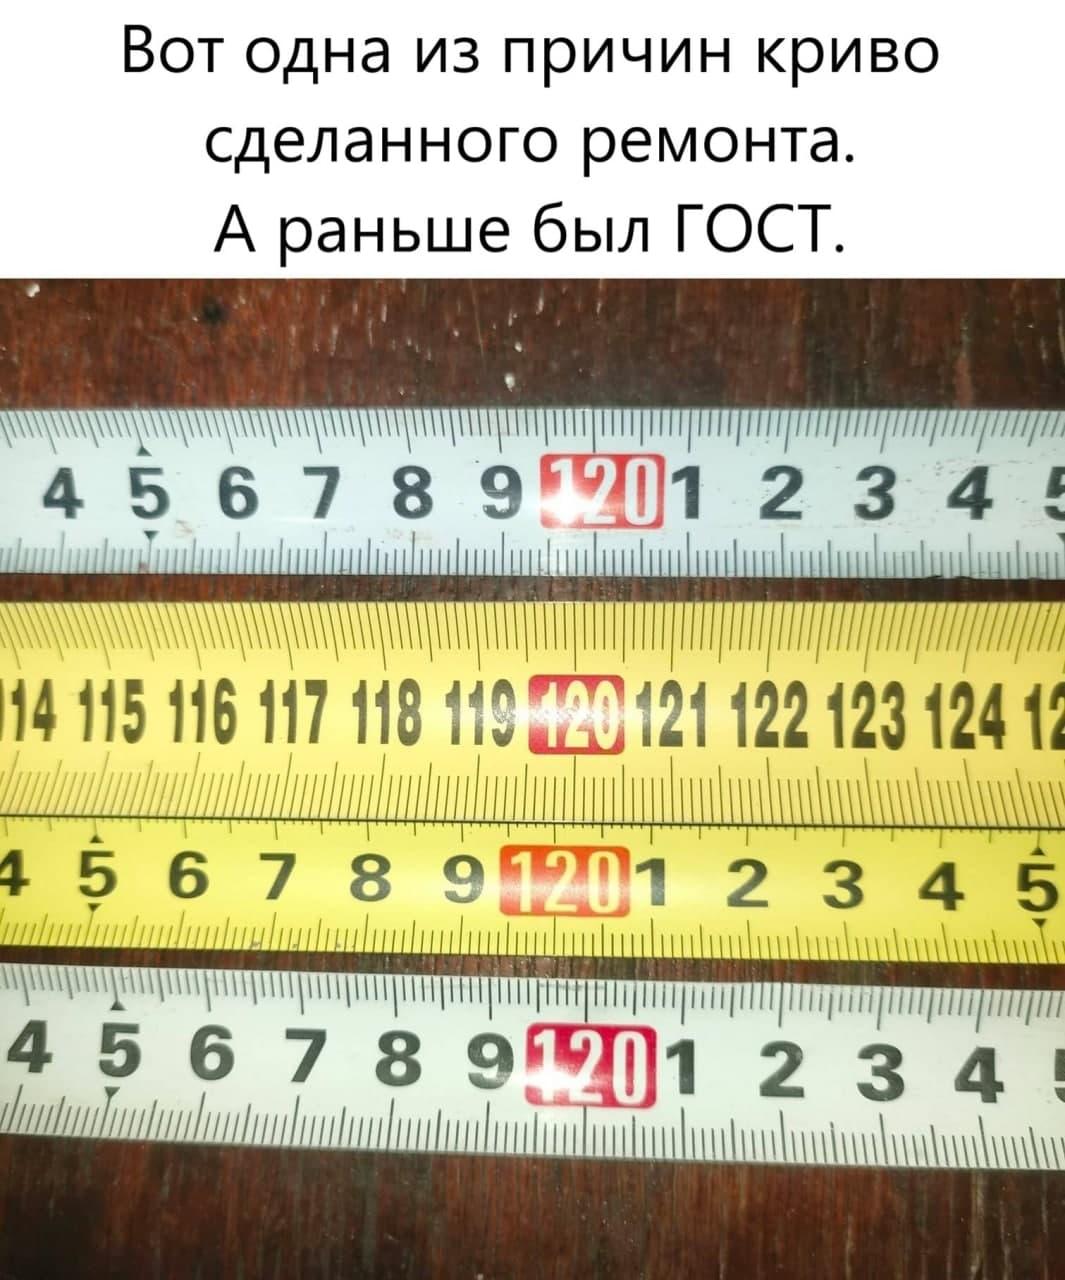 Современные рулетки width=60% height=60%